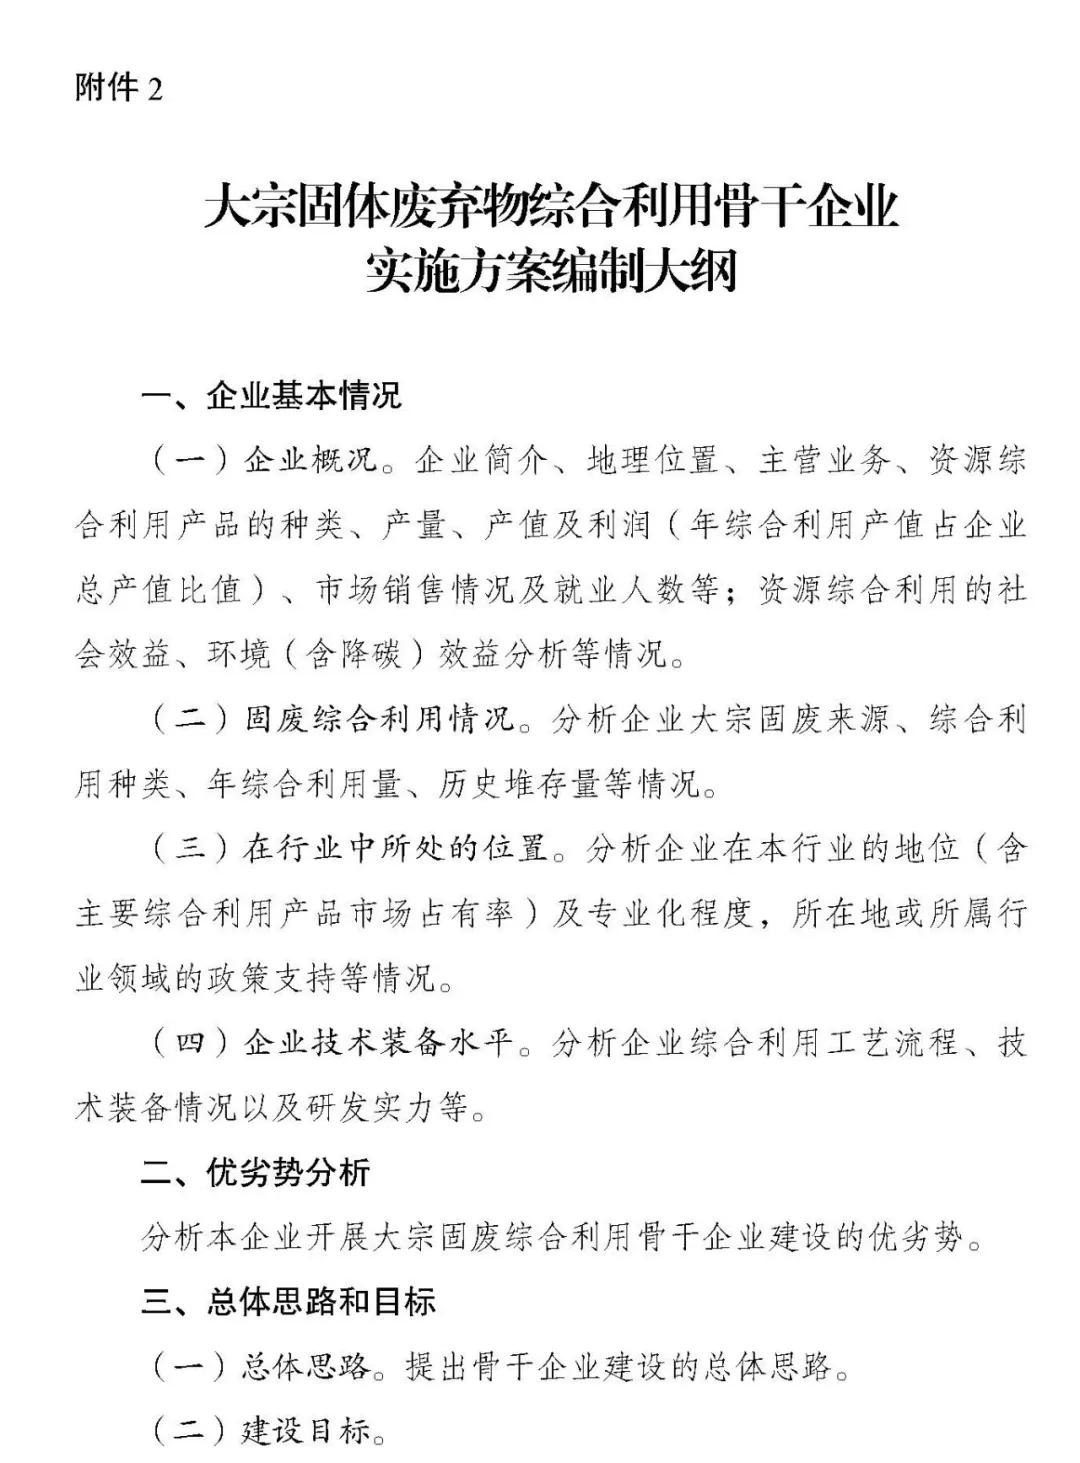 部委动态 | 国家发展改革委办公厅关于开展大宗固体废弃物综合利用示范的通知